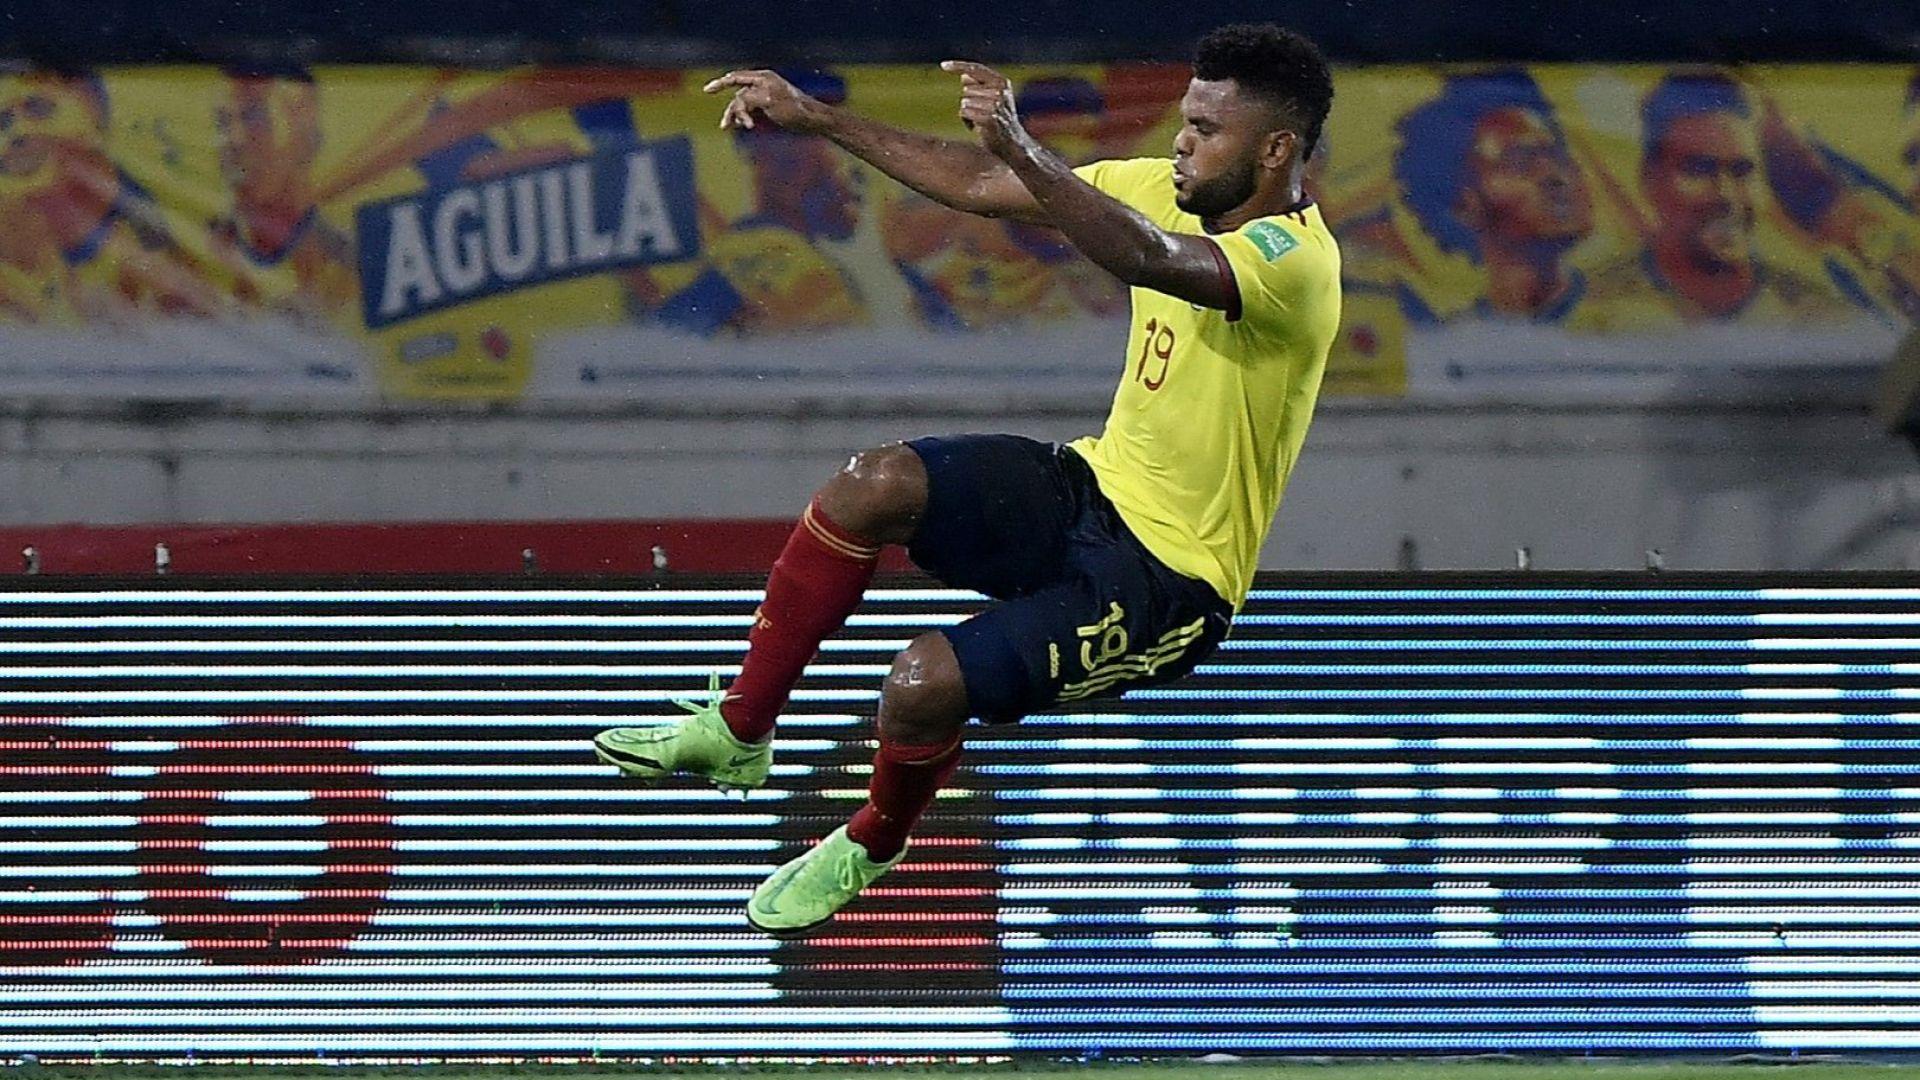 Ново късно разочарование за Меси и Аржентина, а Бразилия няма милост (Видео)